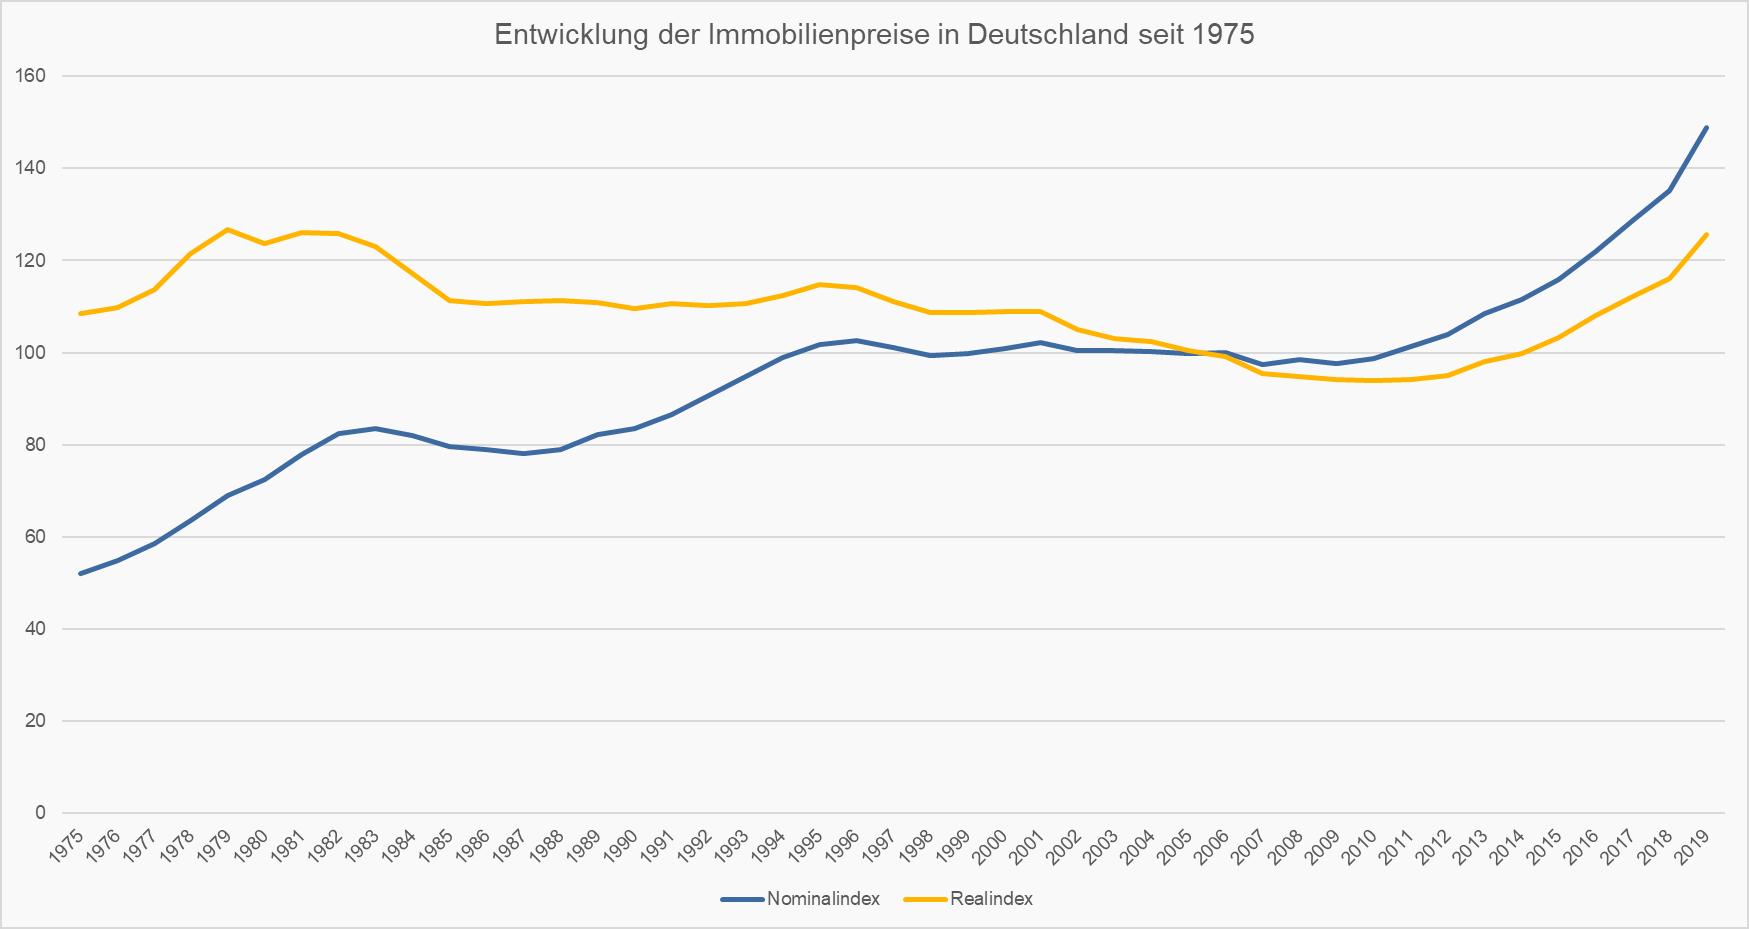 Entwicklung Immobilienpreise seit 1975